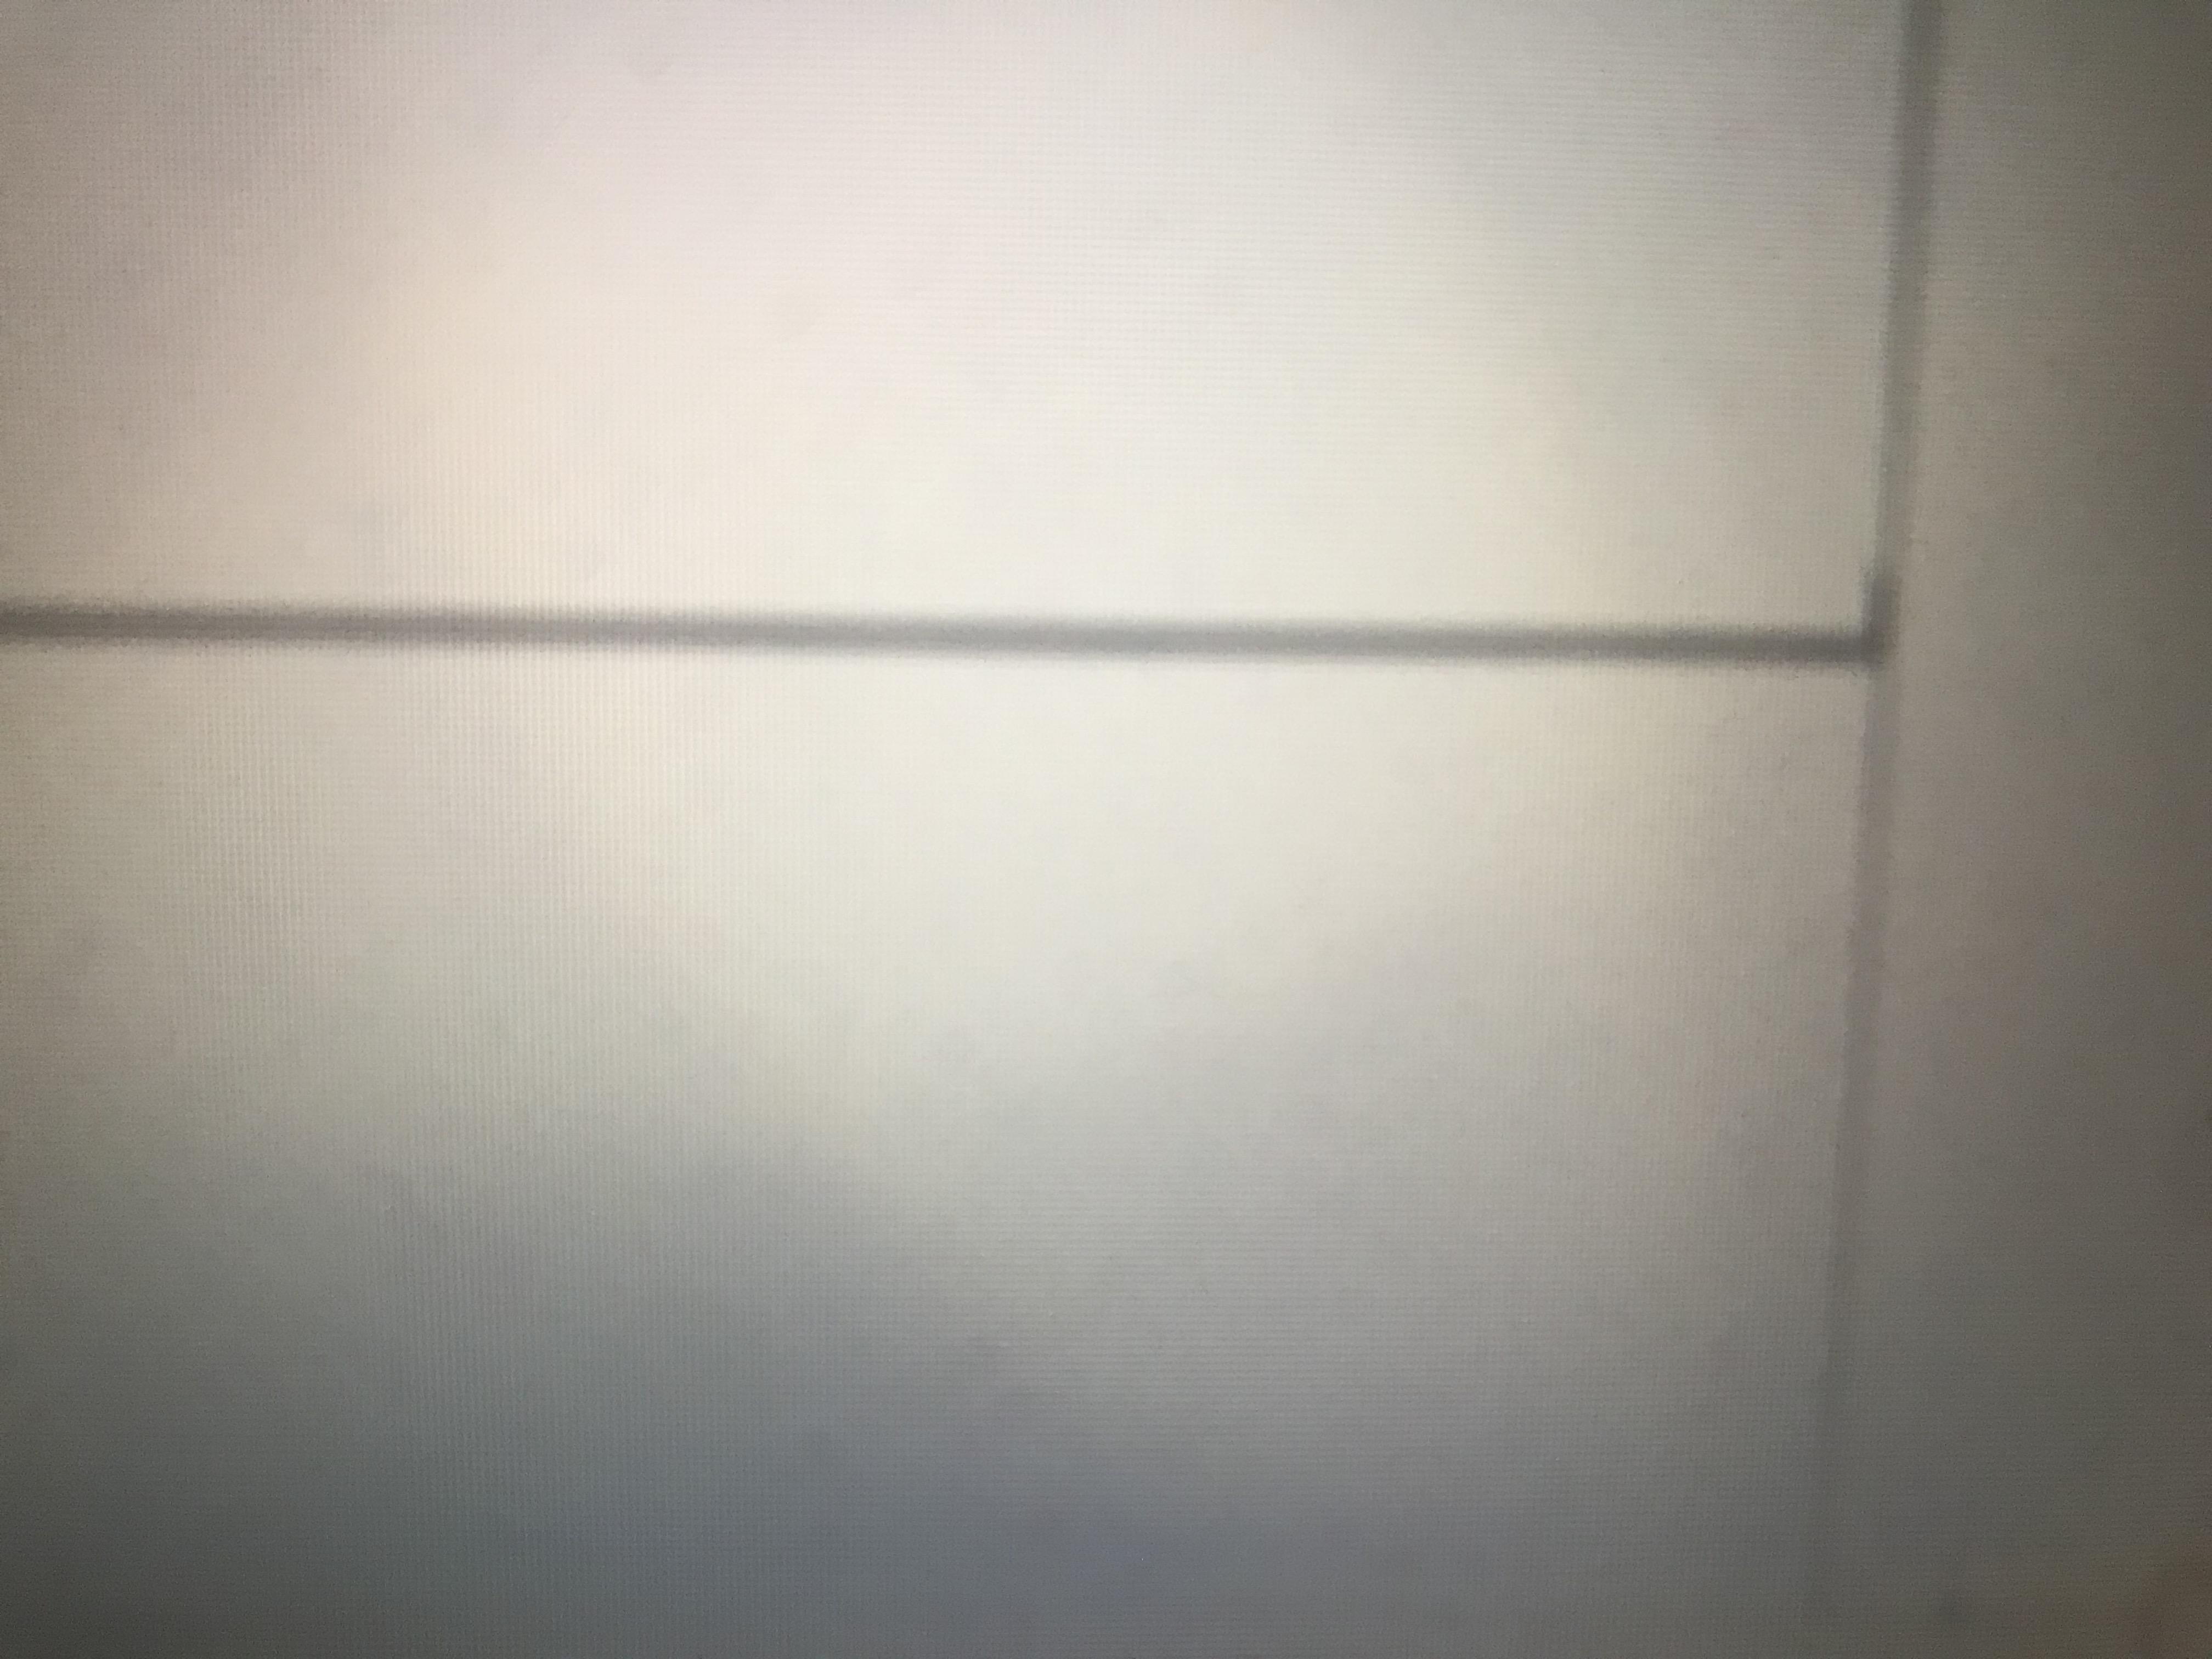 Open office - Probleme mit der horizontalen Linie? (Computer, Apple,  OpenOffice)